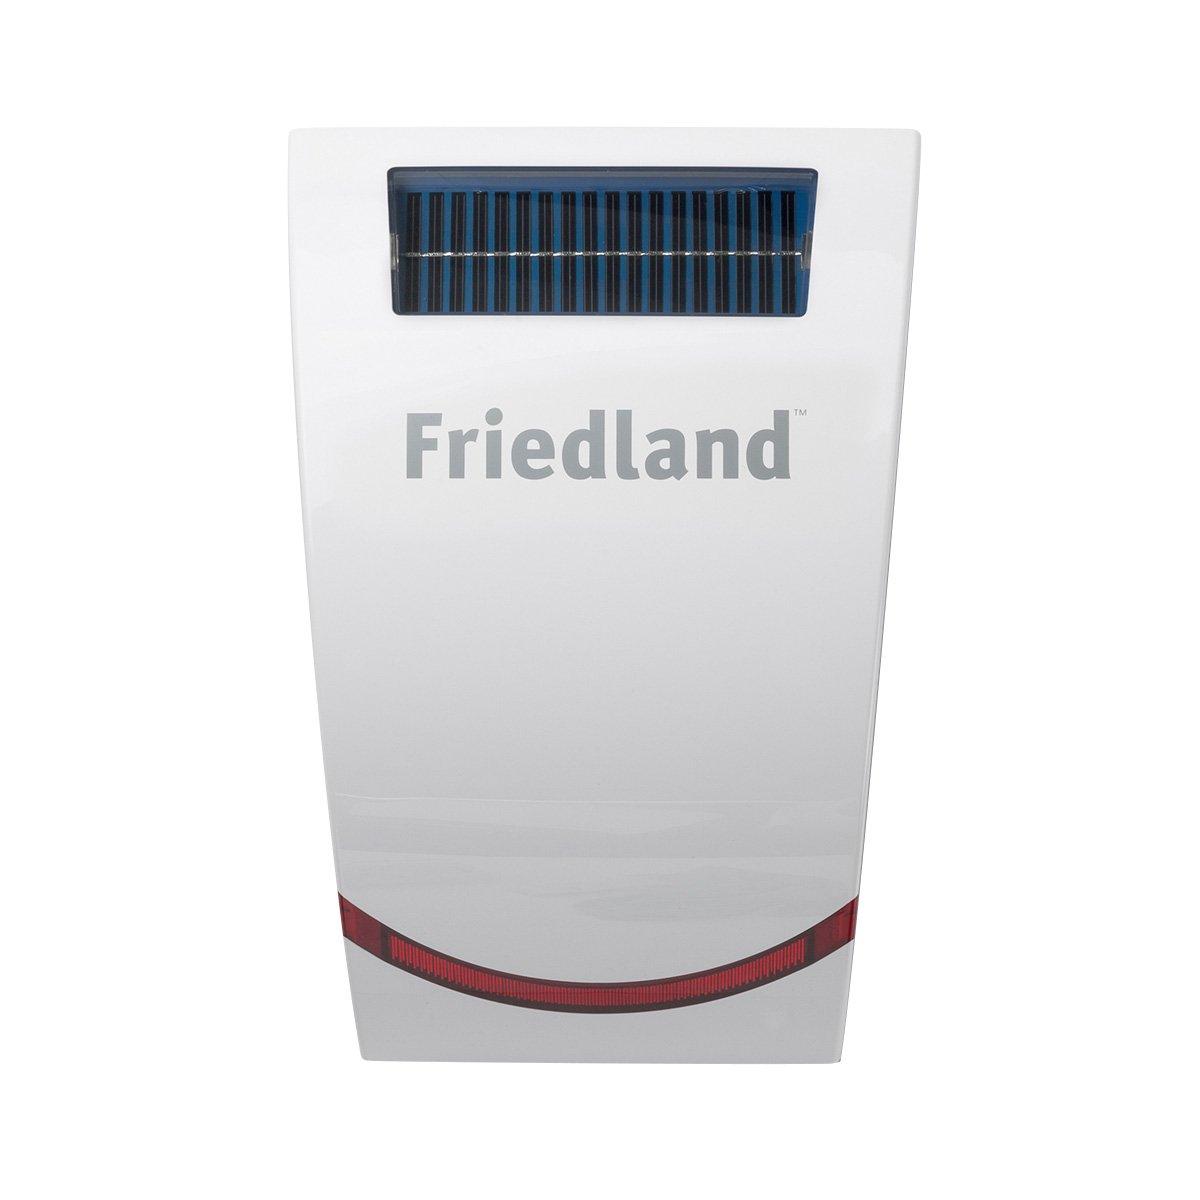 Friedland Global Guard FunkAußensirene, FGGA0401WWE  BaumarktKundenbewertung und Beschreibung